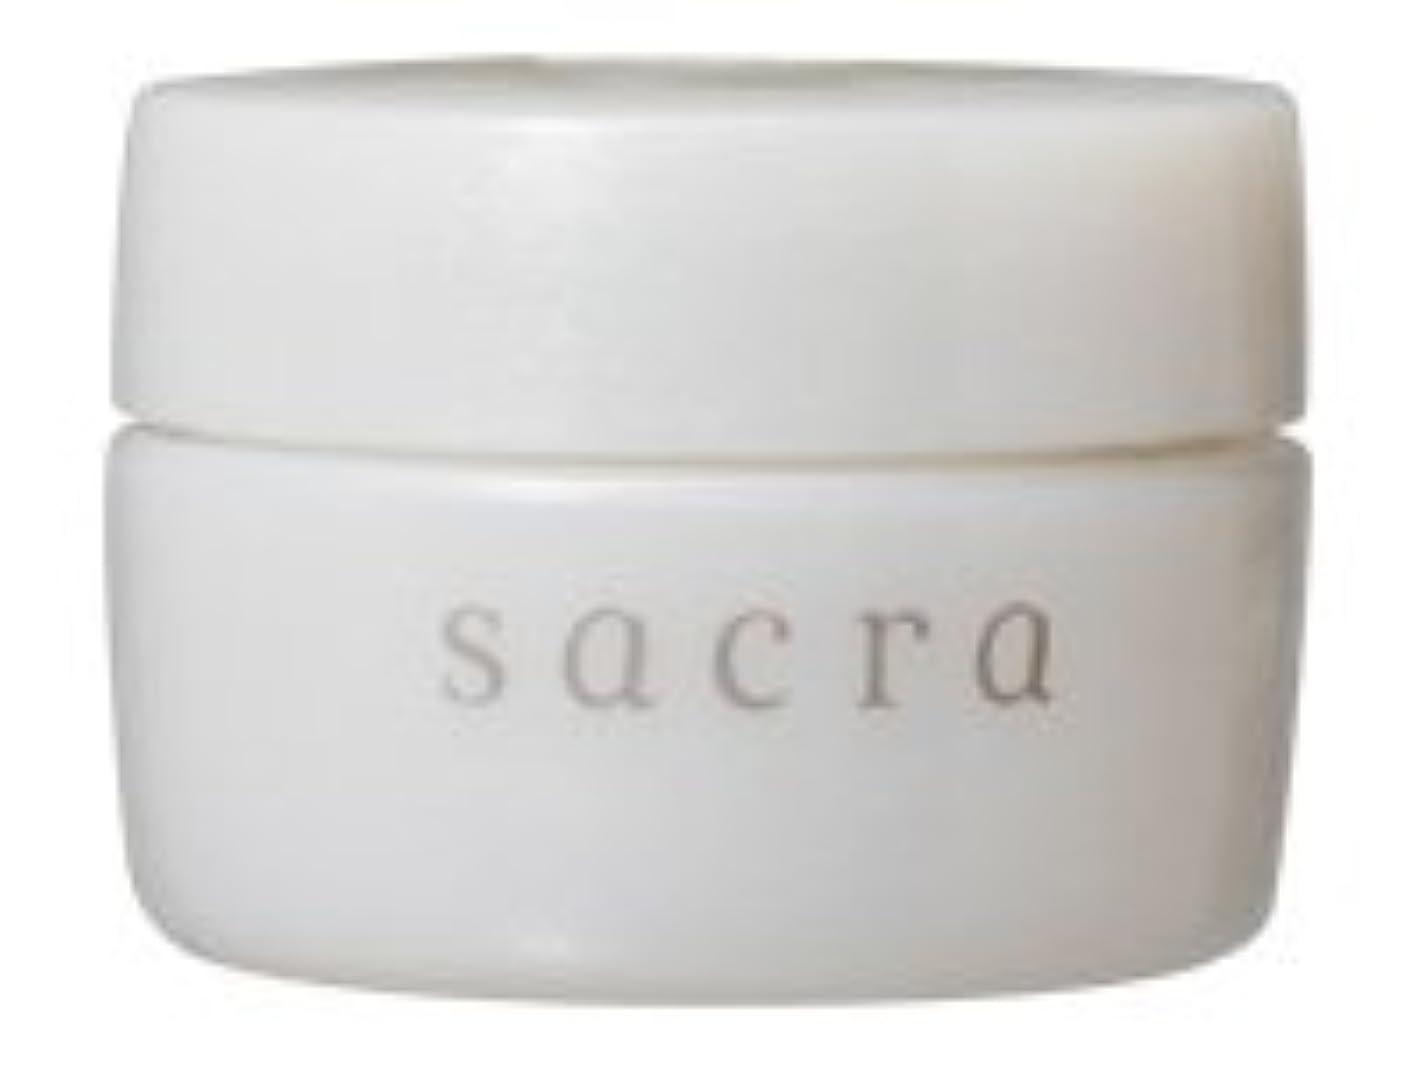 第五累計処方するsacra(サクラ) ミキシングジェル 4g